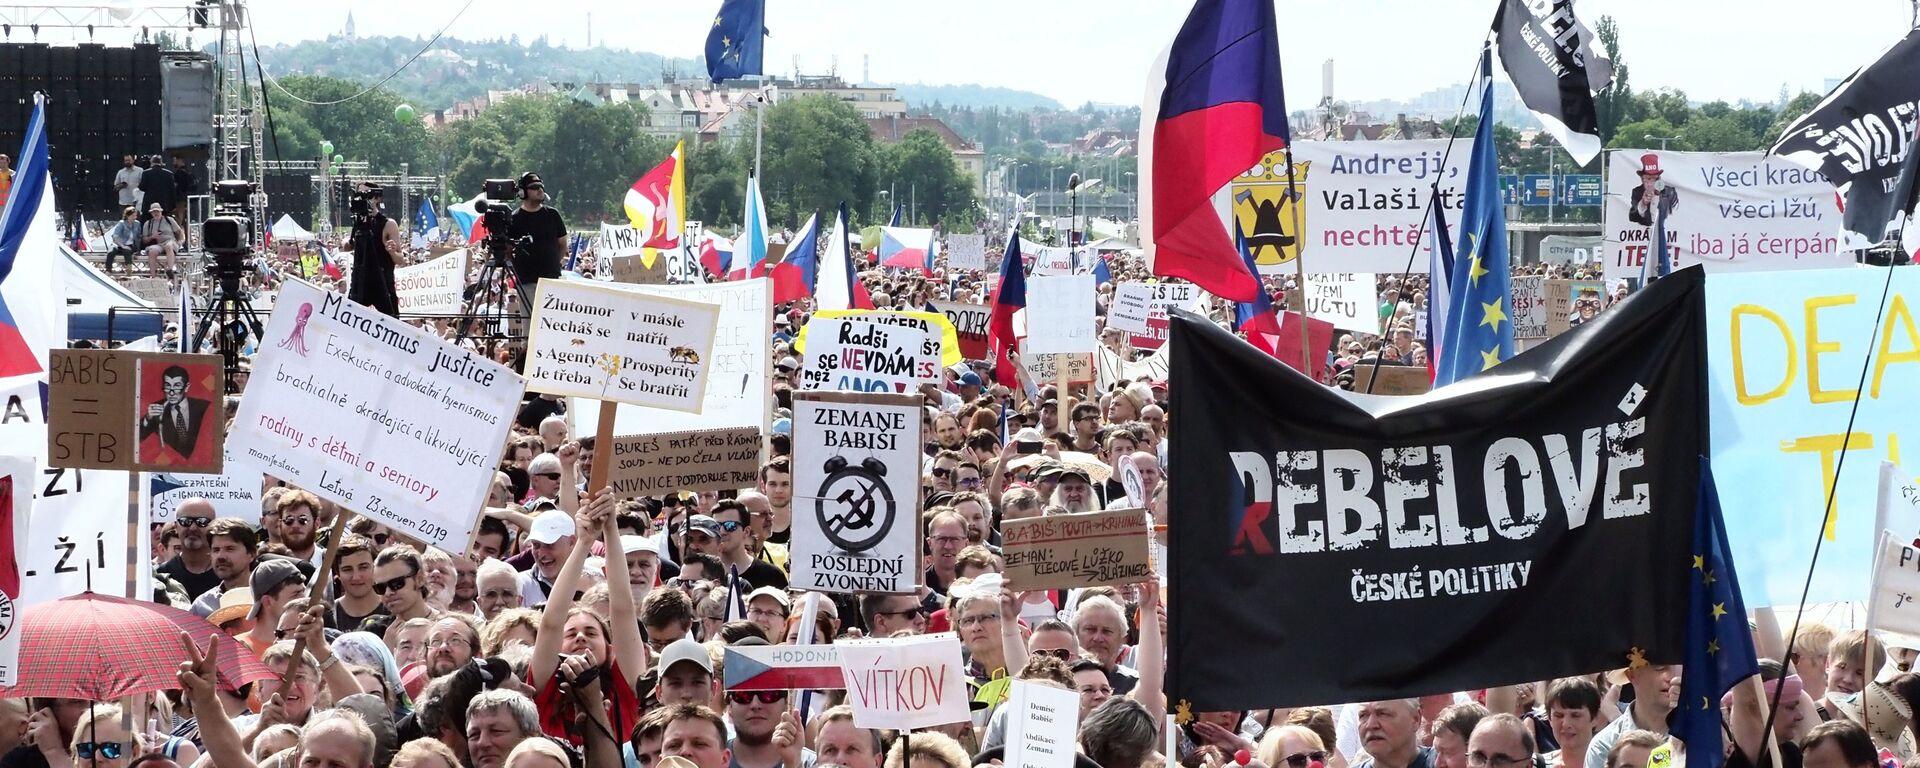 Protestní akce proti premiérovi Andreji Babišovi v Praze na Letné, 23. června 2019 - Sputnik Česká republika, 1920, 17.07.2021